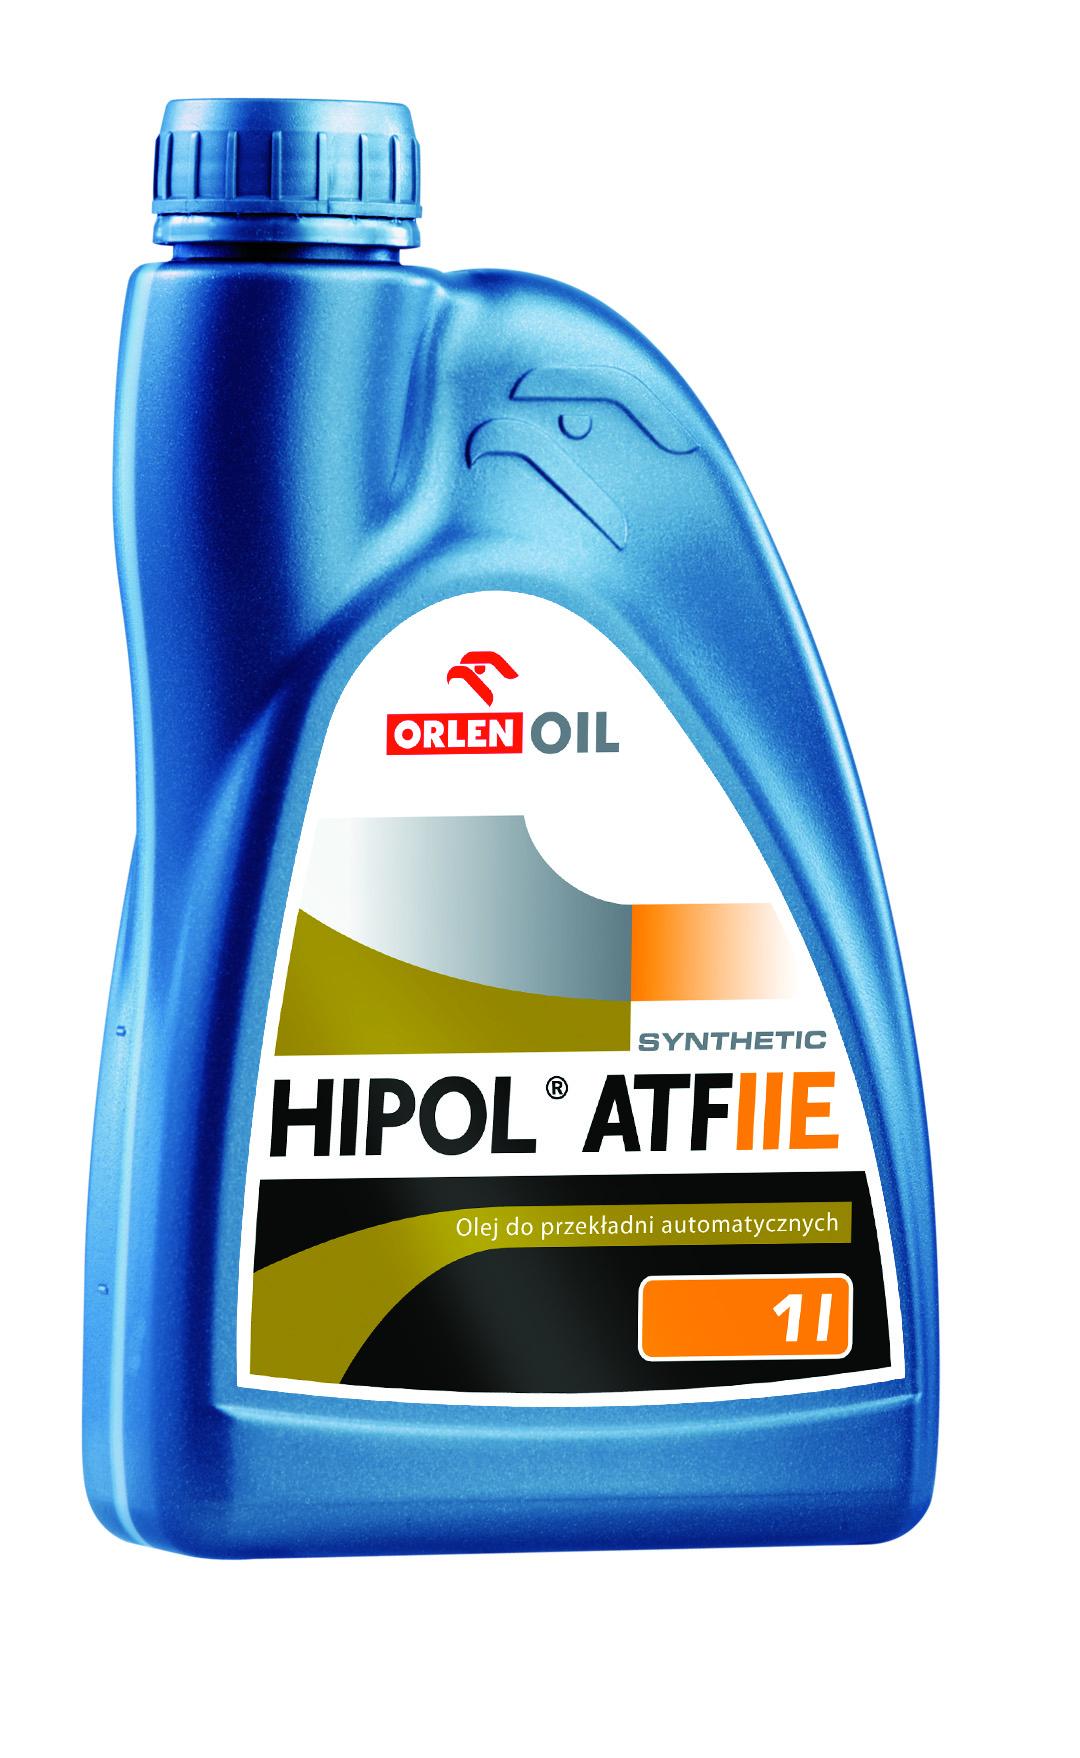 ORLEN OIL HIPOL ATF II E    1L   *W